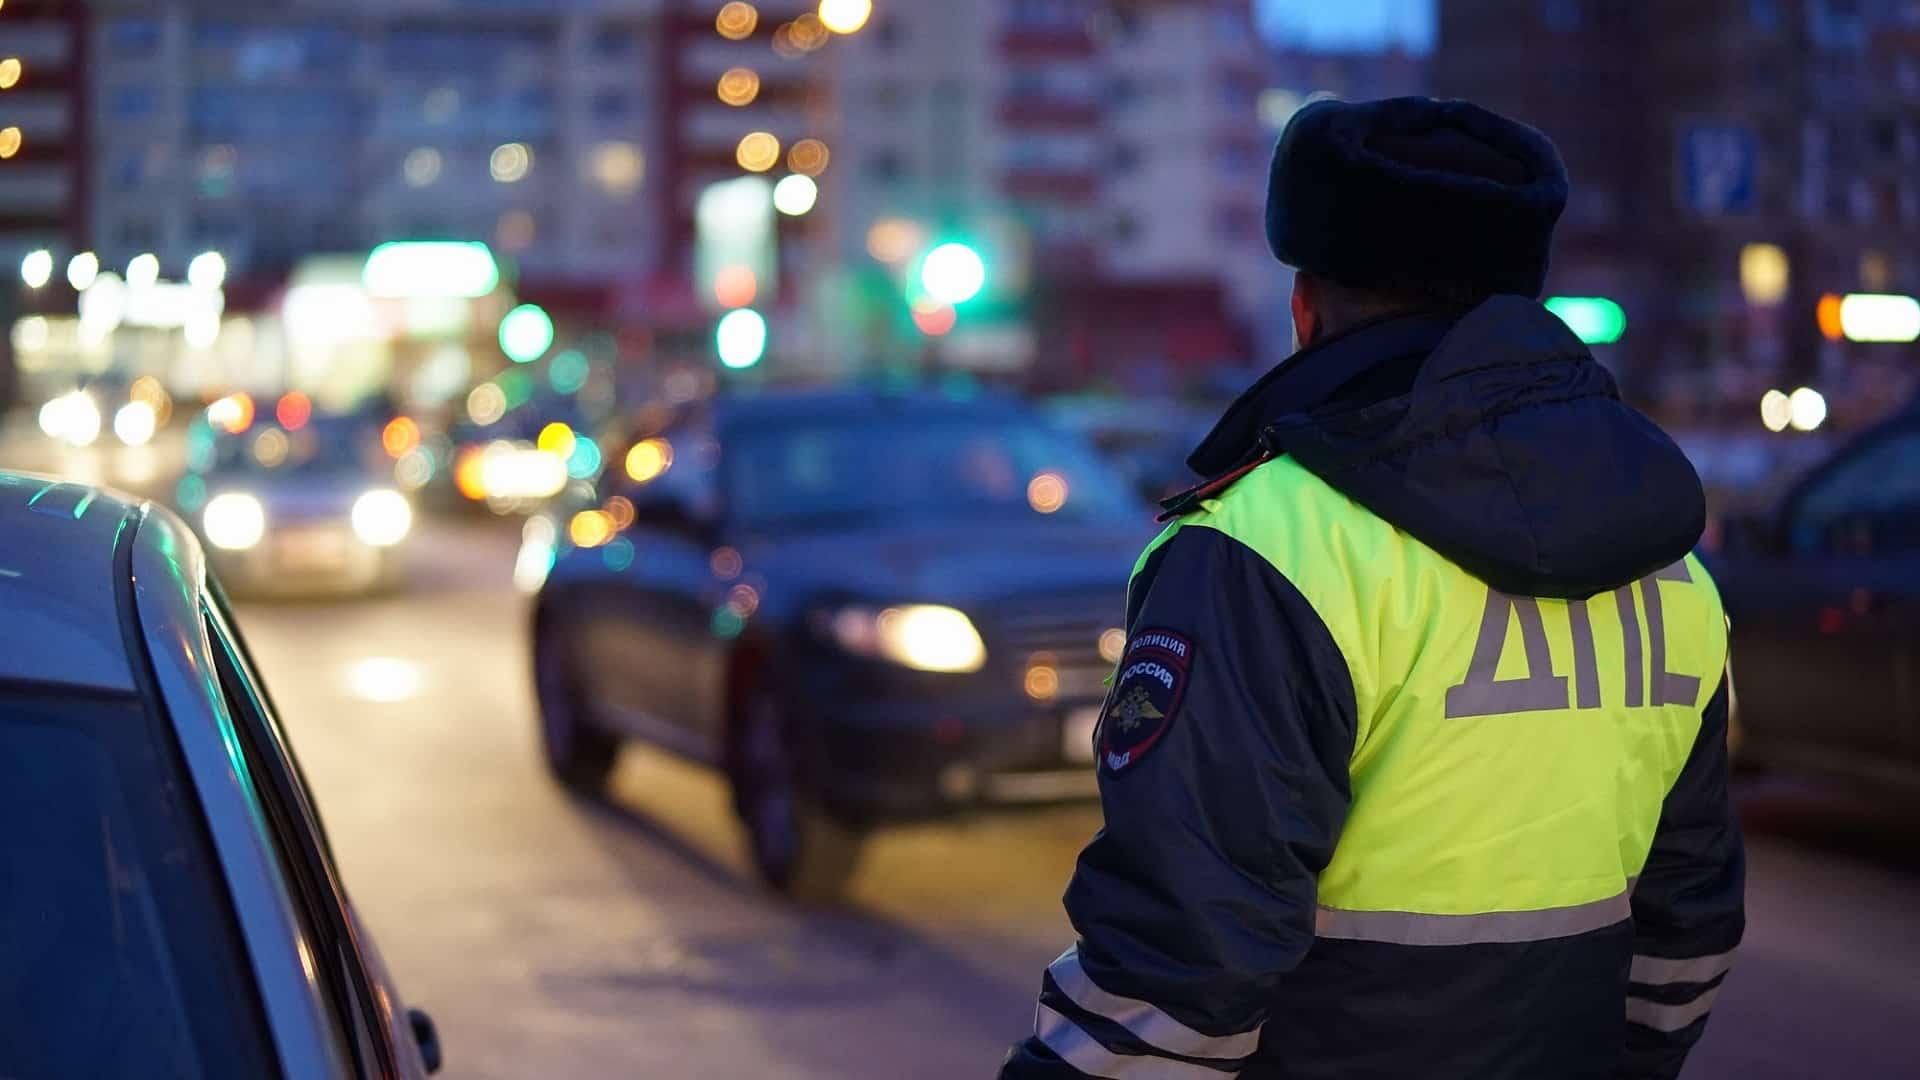 ГИБДД вводит новые штрафы с 1-го января 2020: к чему готовиться, будучи за рулем?